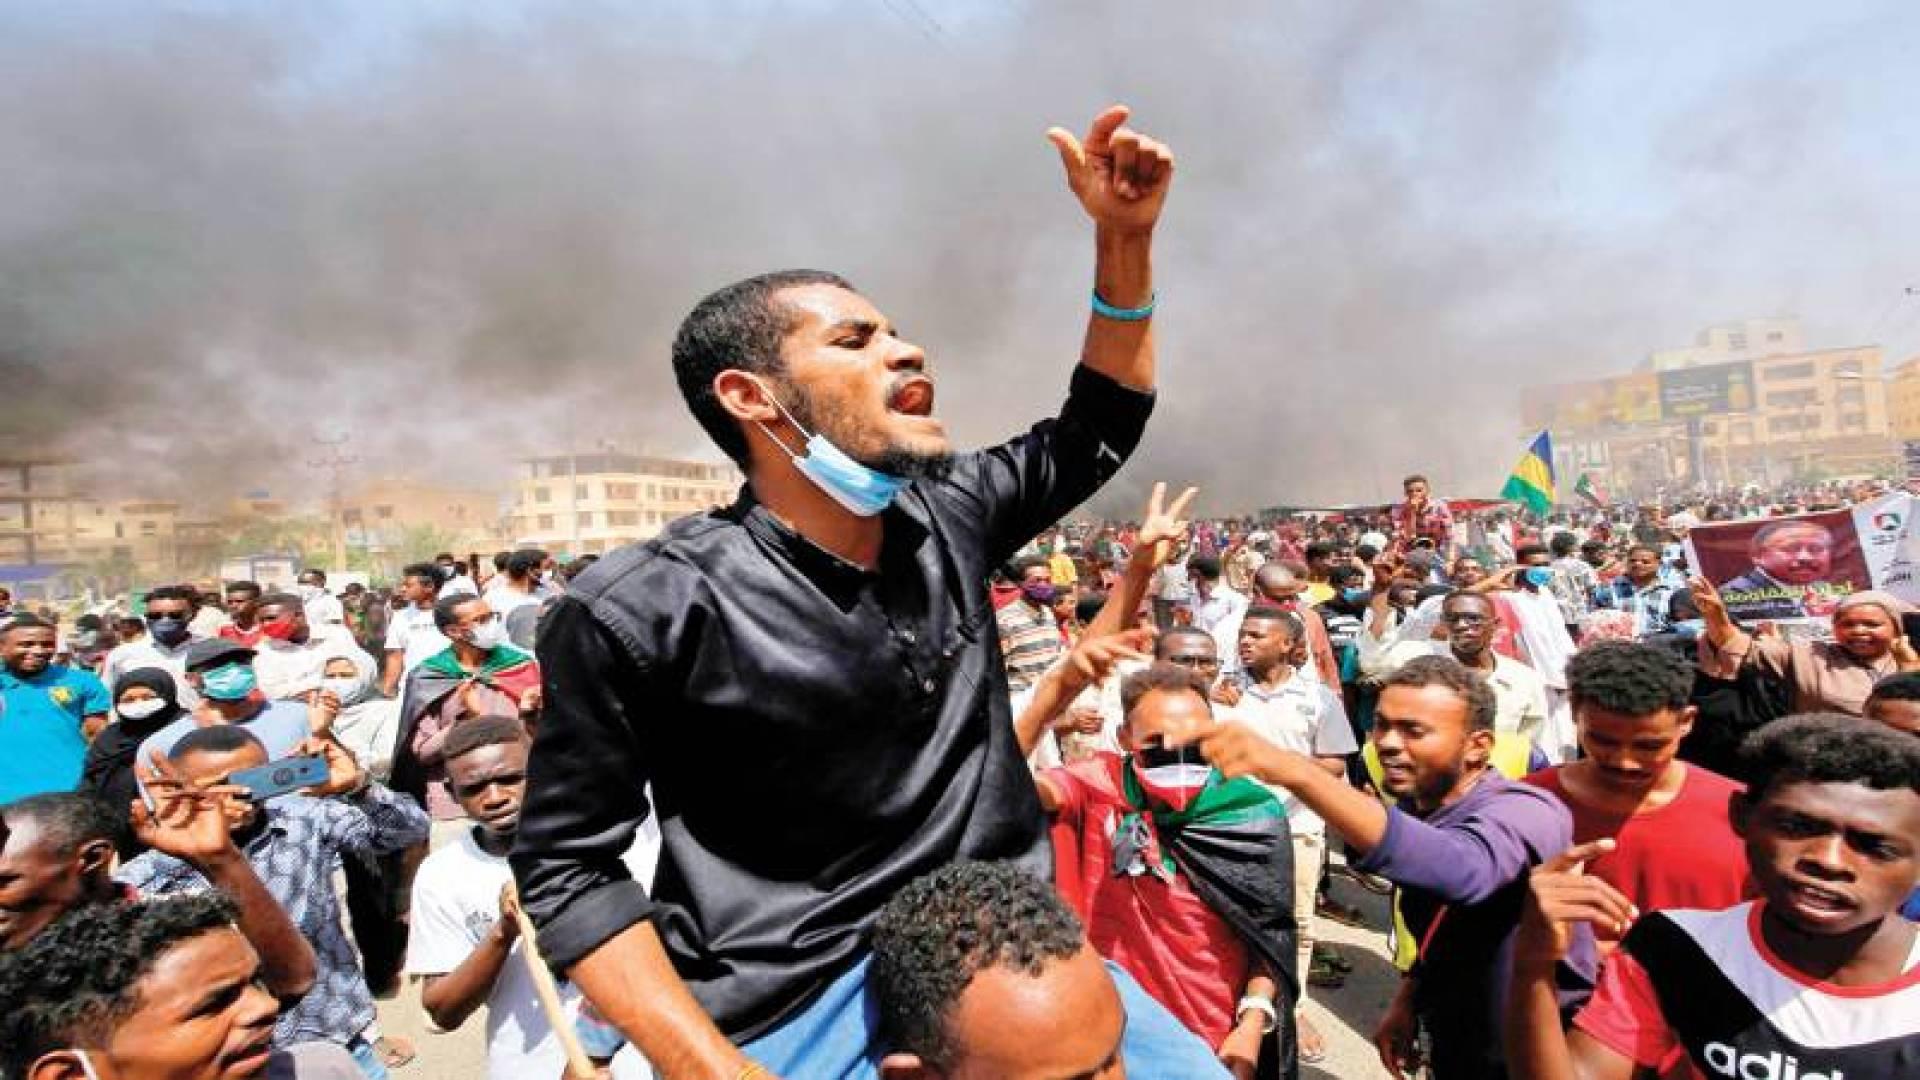 متظاهرون في شارع الستين شرقي العاصمة الخرطوم أمس (أ ف ب)